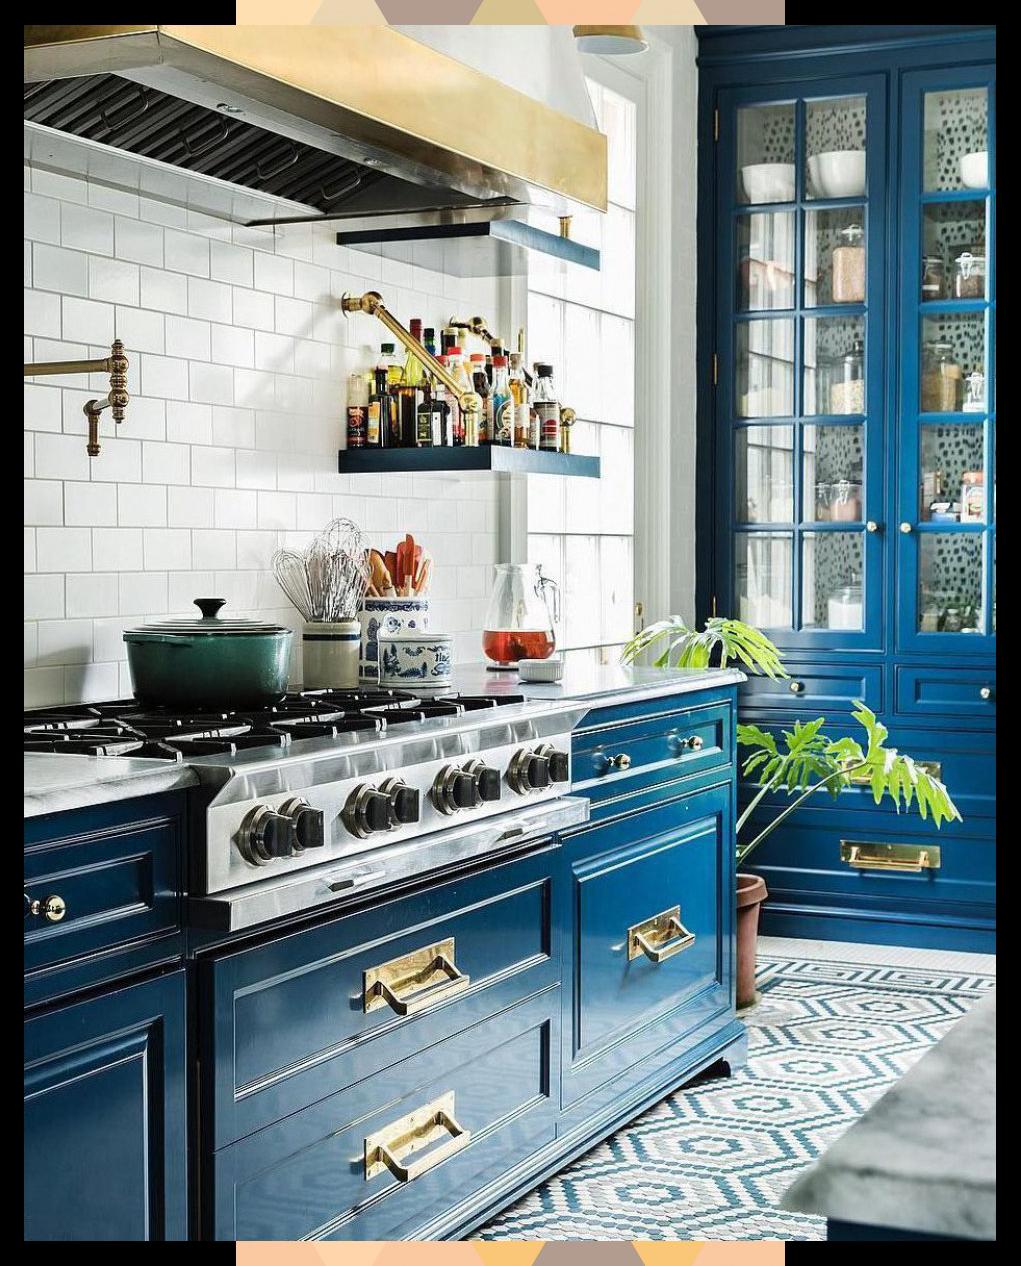 44 Stunning Farmhouse Kitchen Cabinet Ideas   ROUNDECOR ...